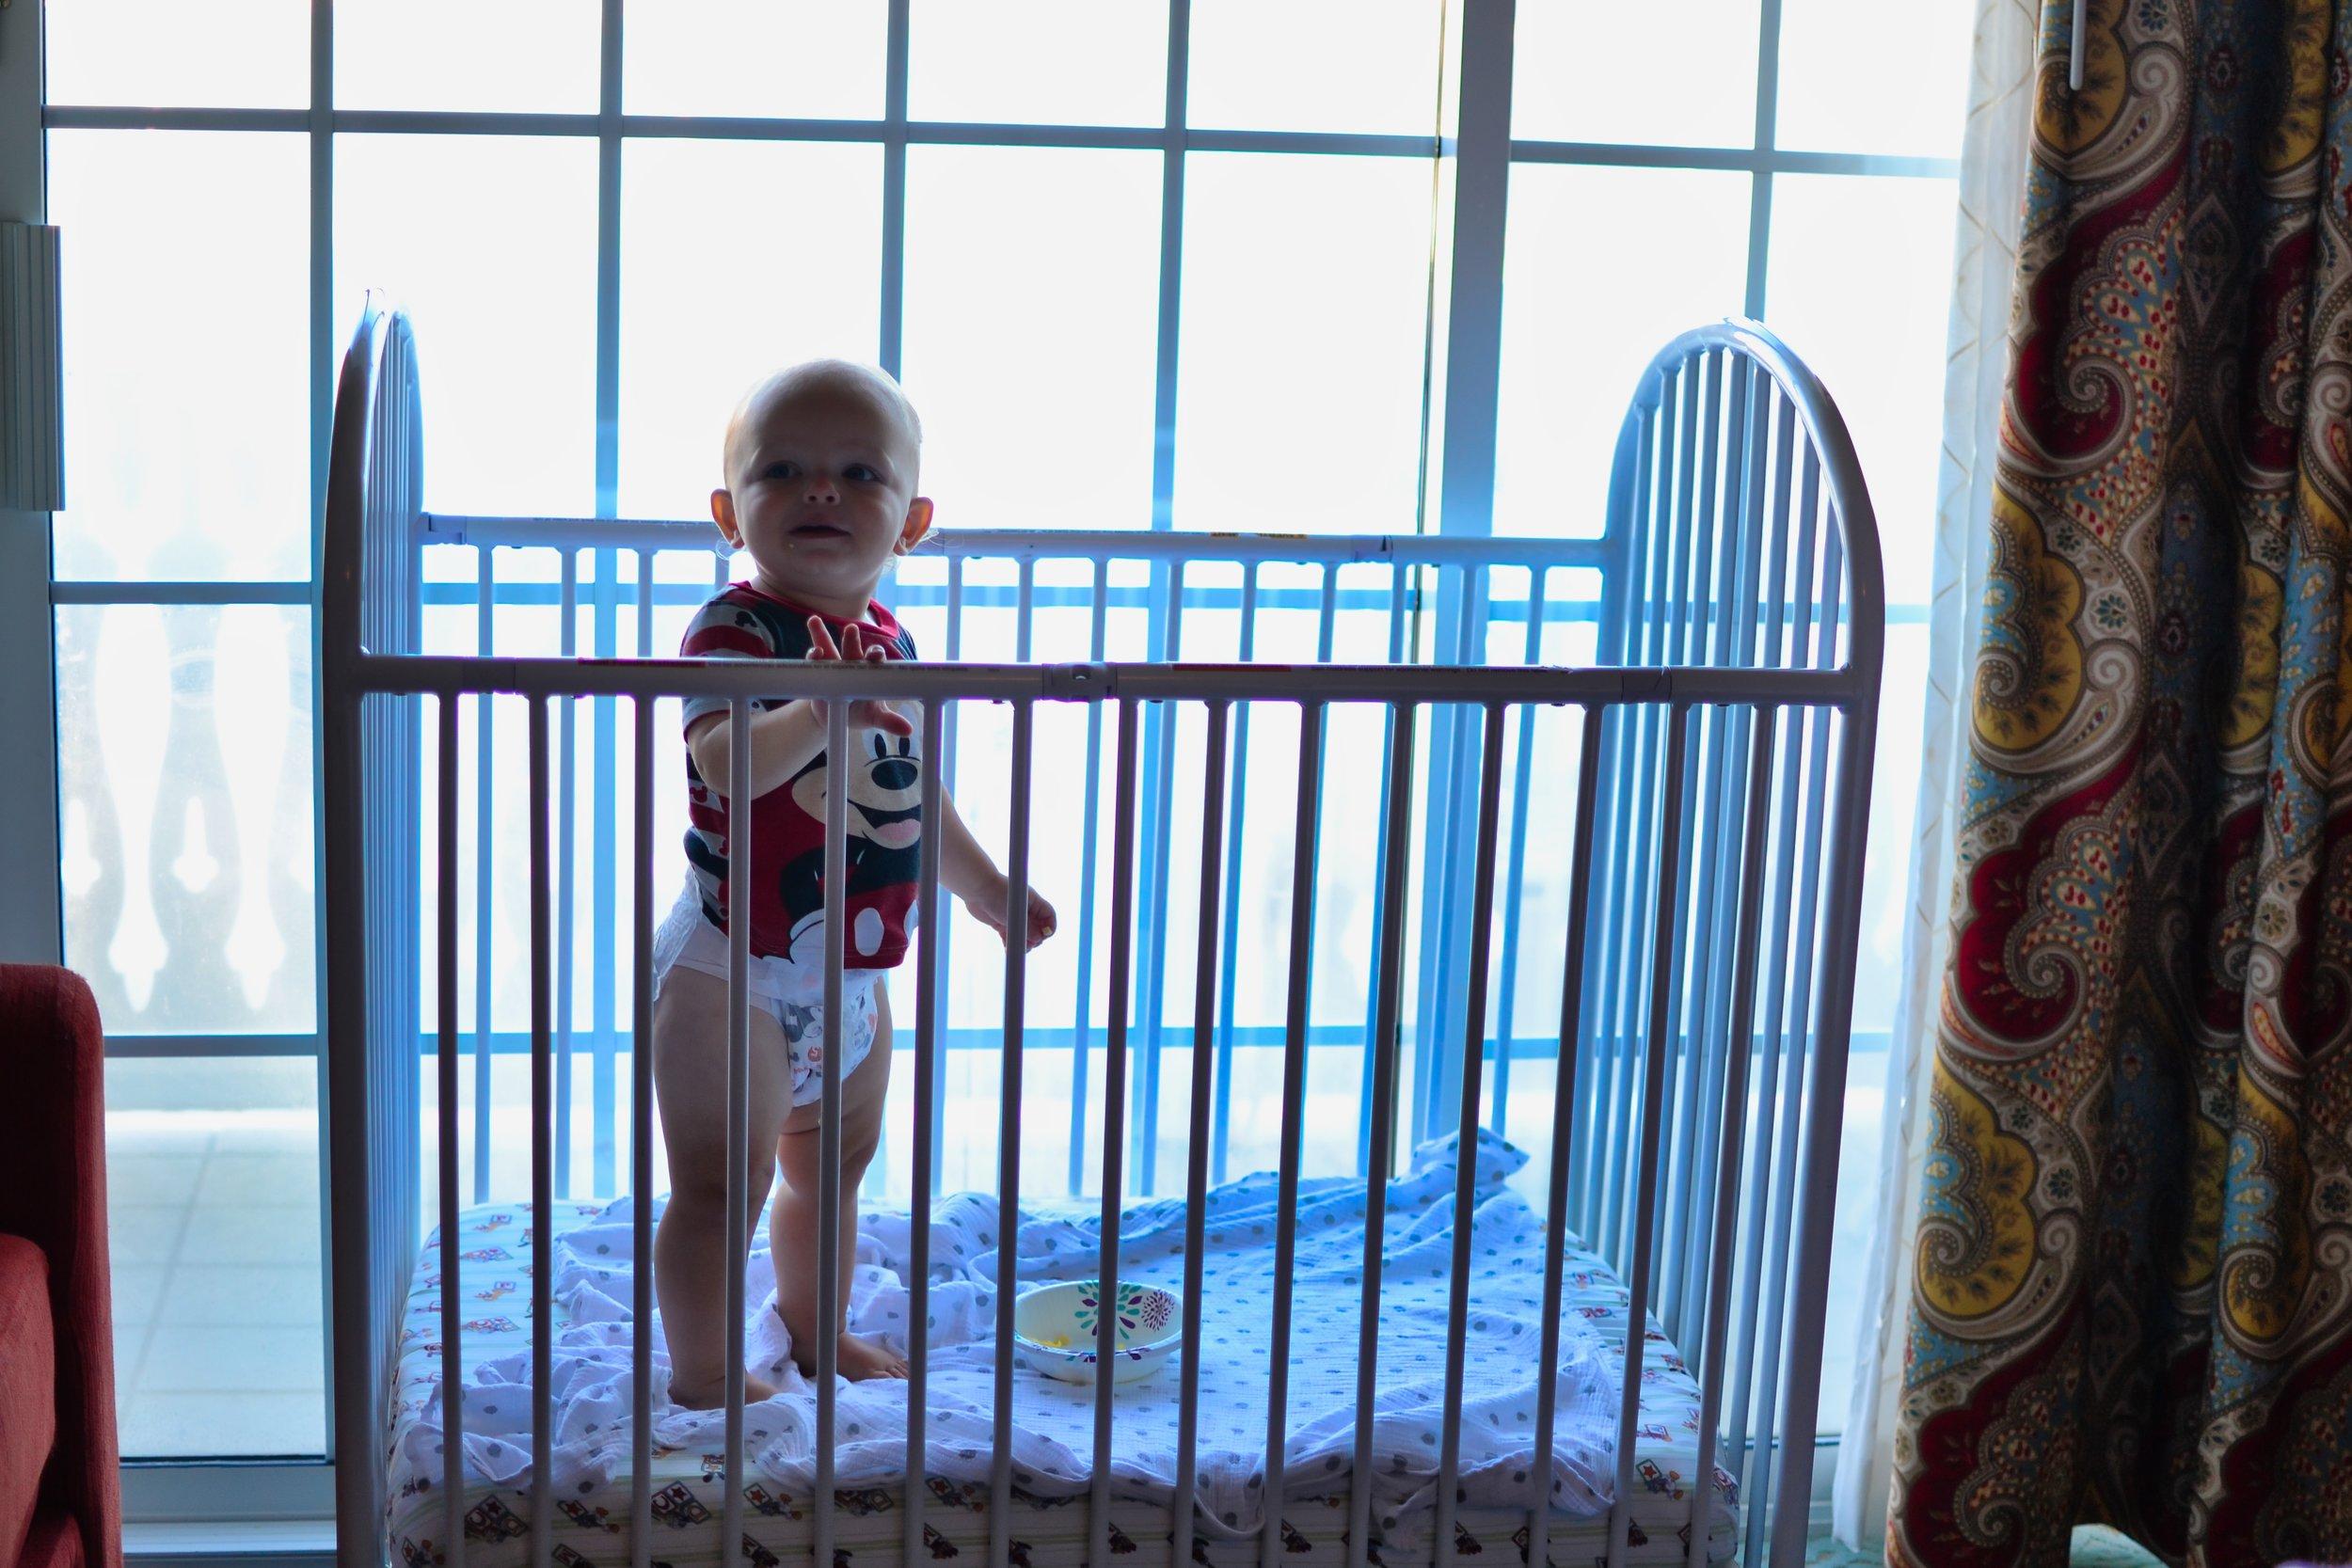 toddler in crib.jpeg